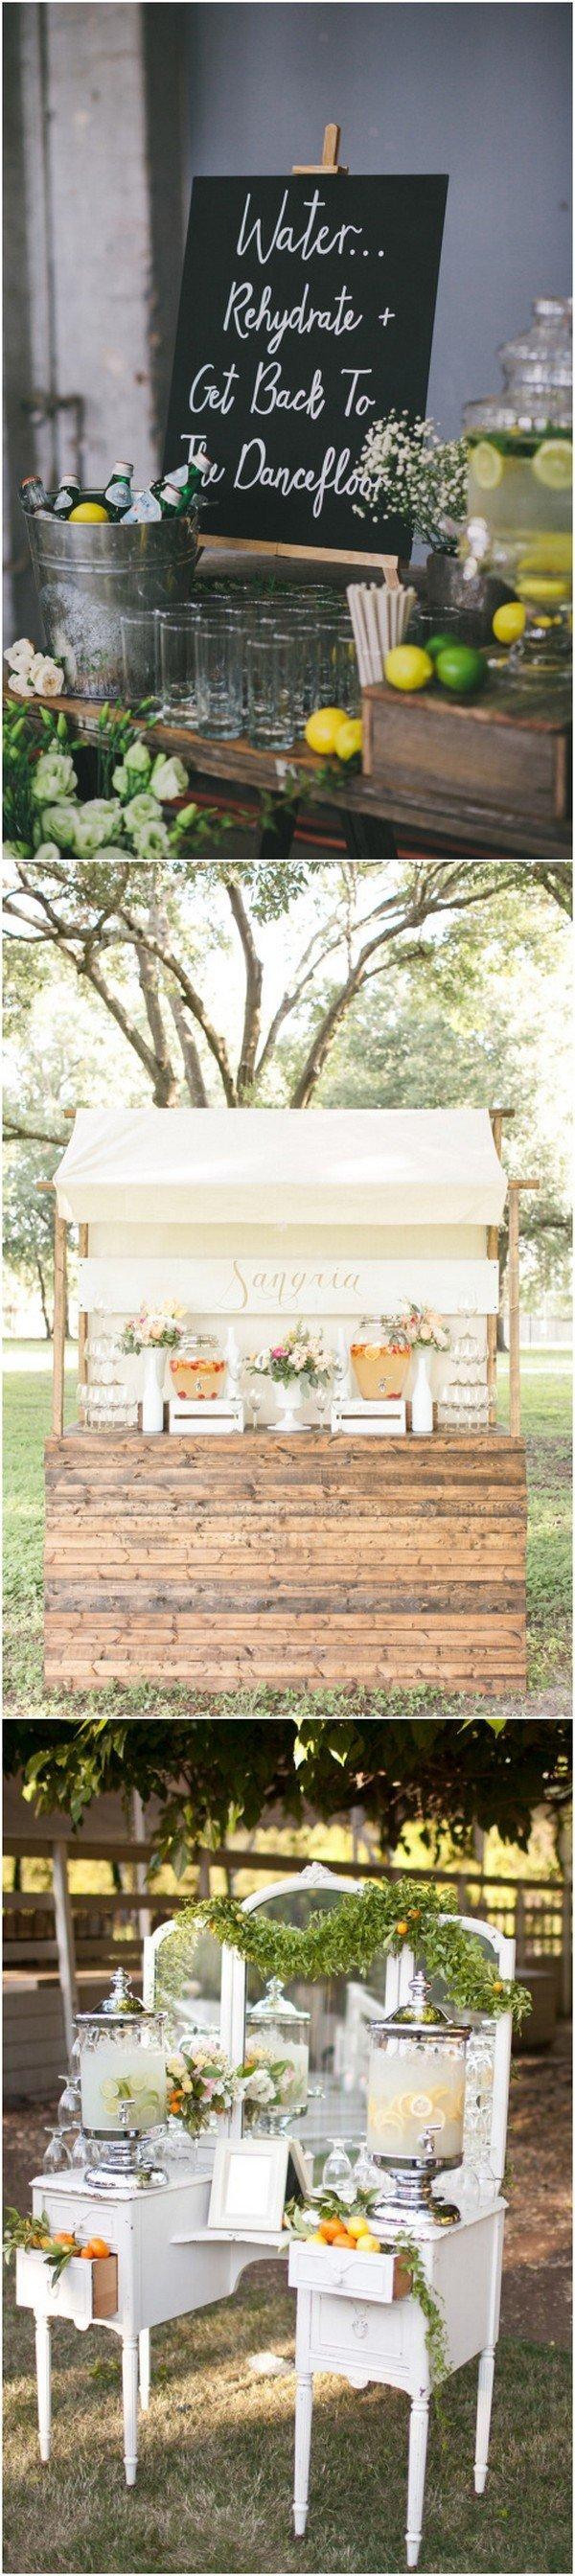 rustic wedding drink station ideas